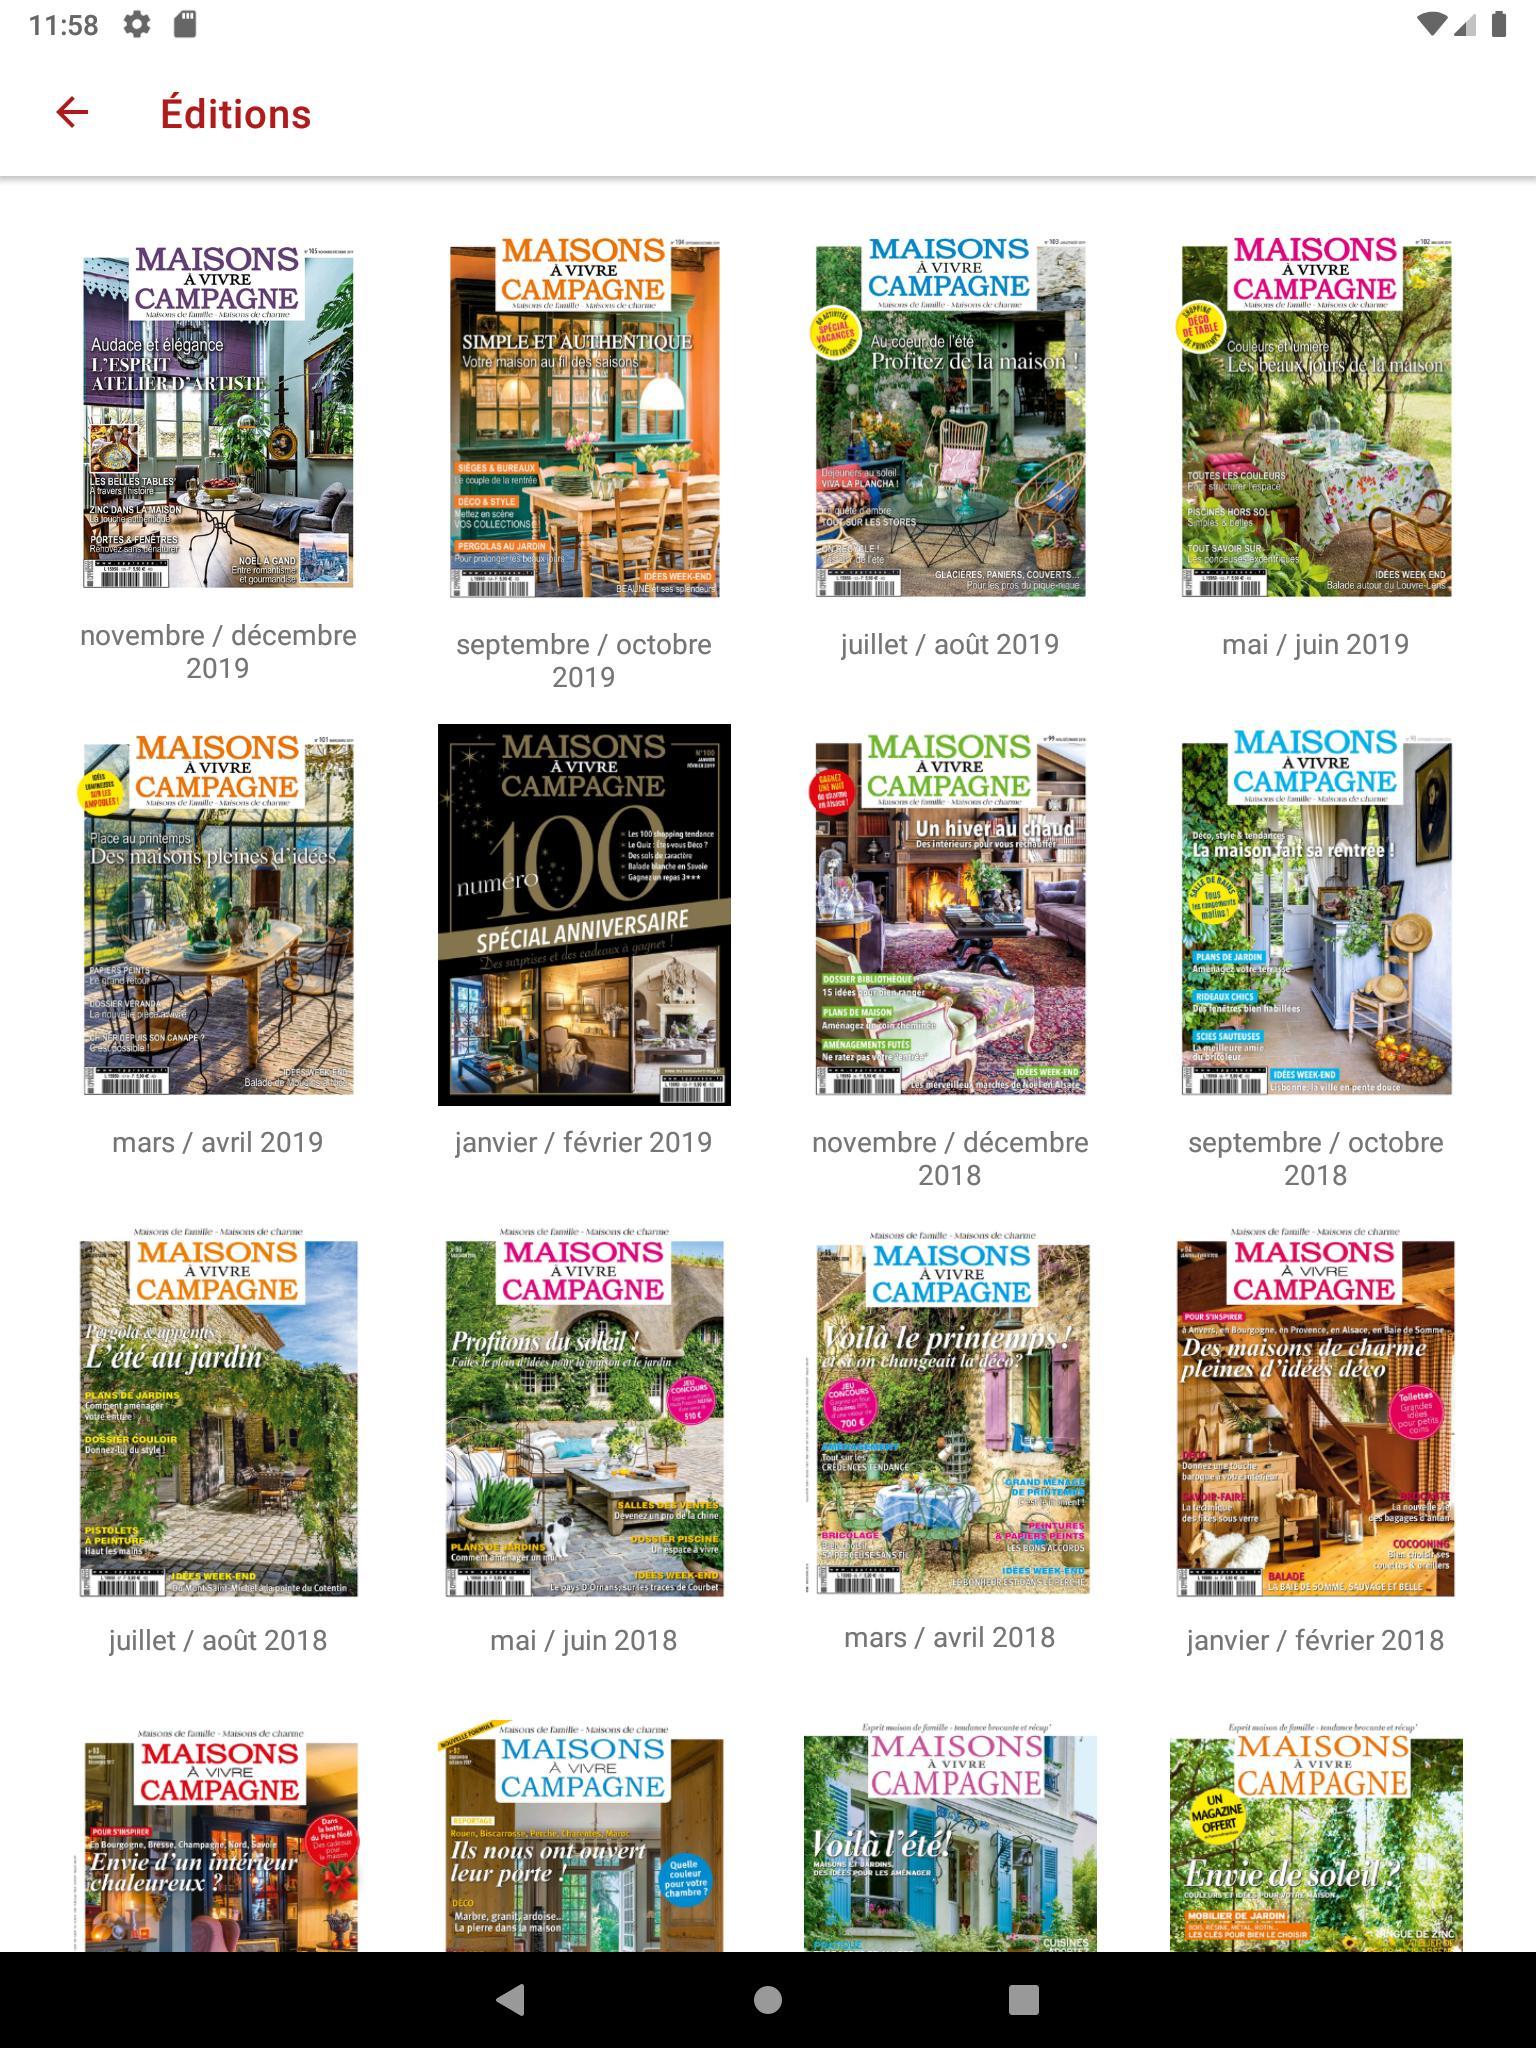 Maison A Vivre Campagne maisons à vivre campagne mag for android - apk download